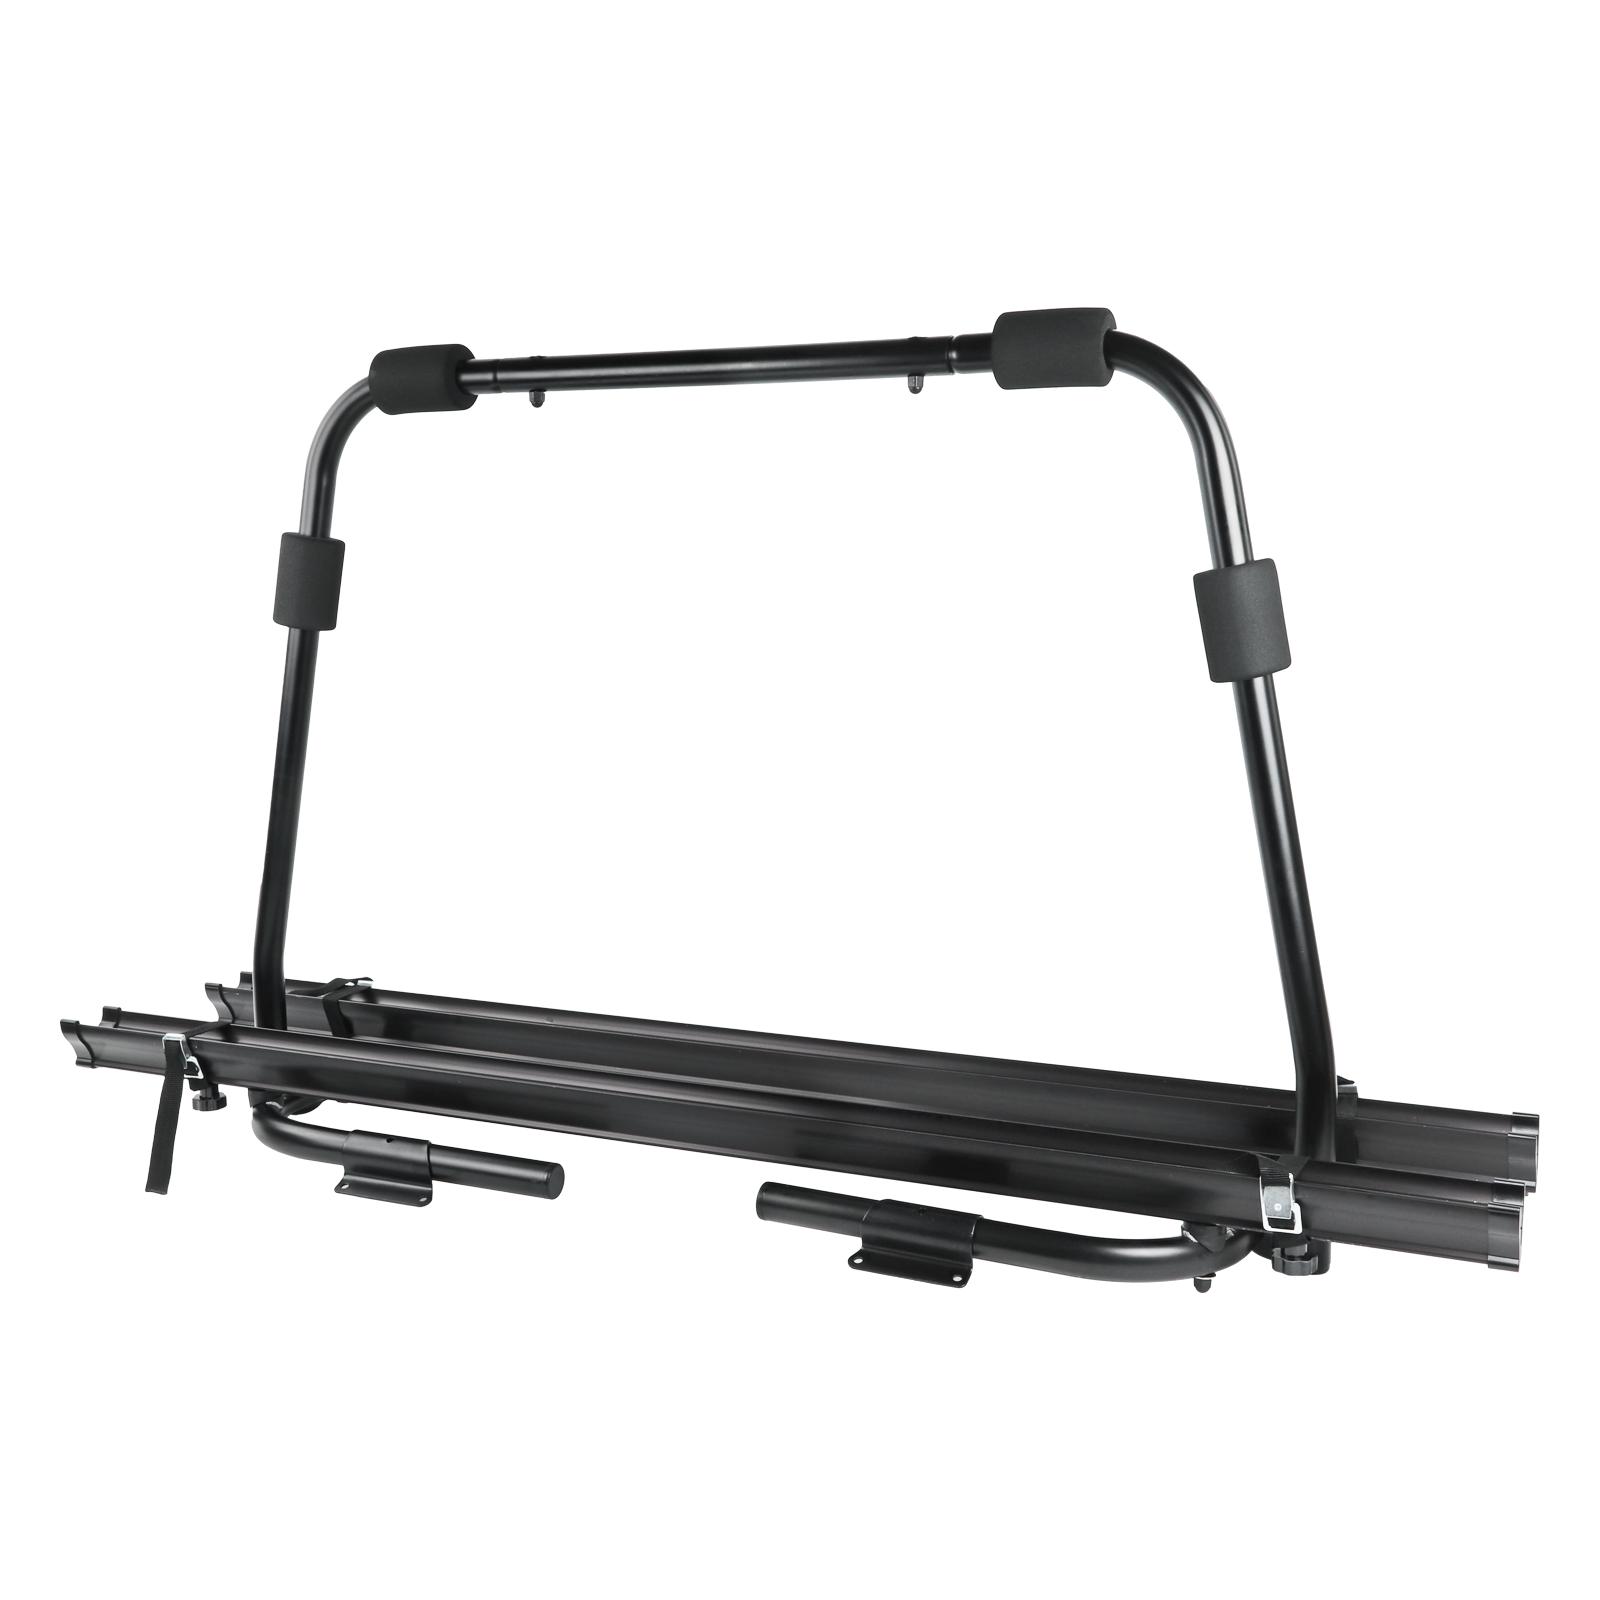 Deichsel Fahrradträger Wohnwagen 2 Fahrräder belastbar bis 40kg klappbar Schwarz